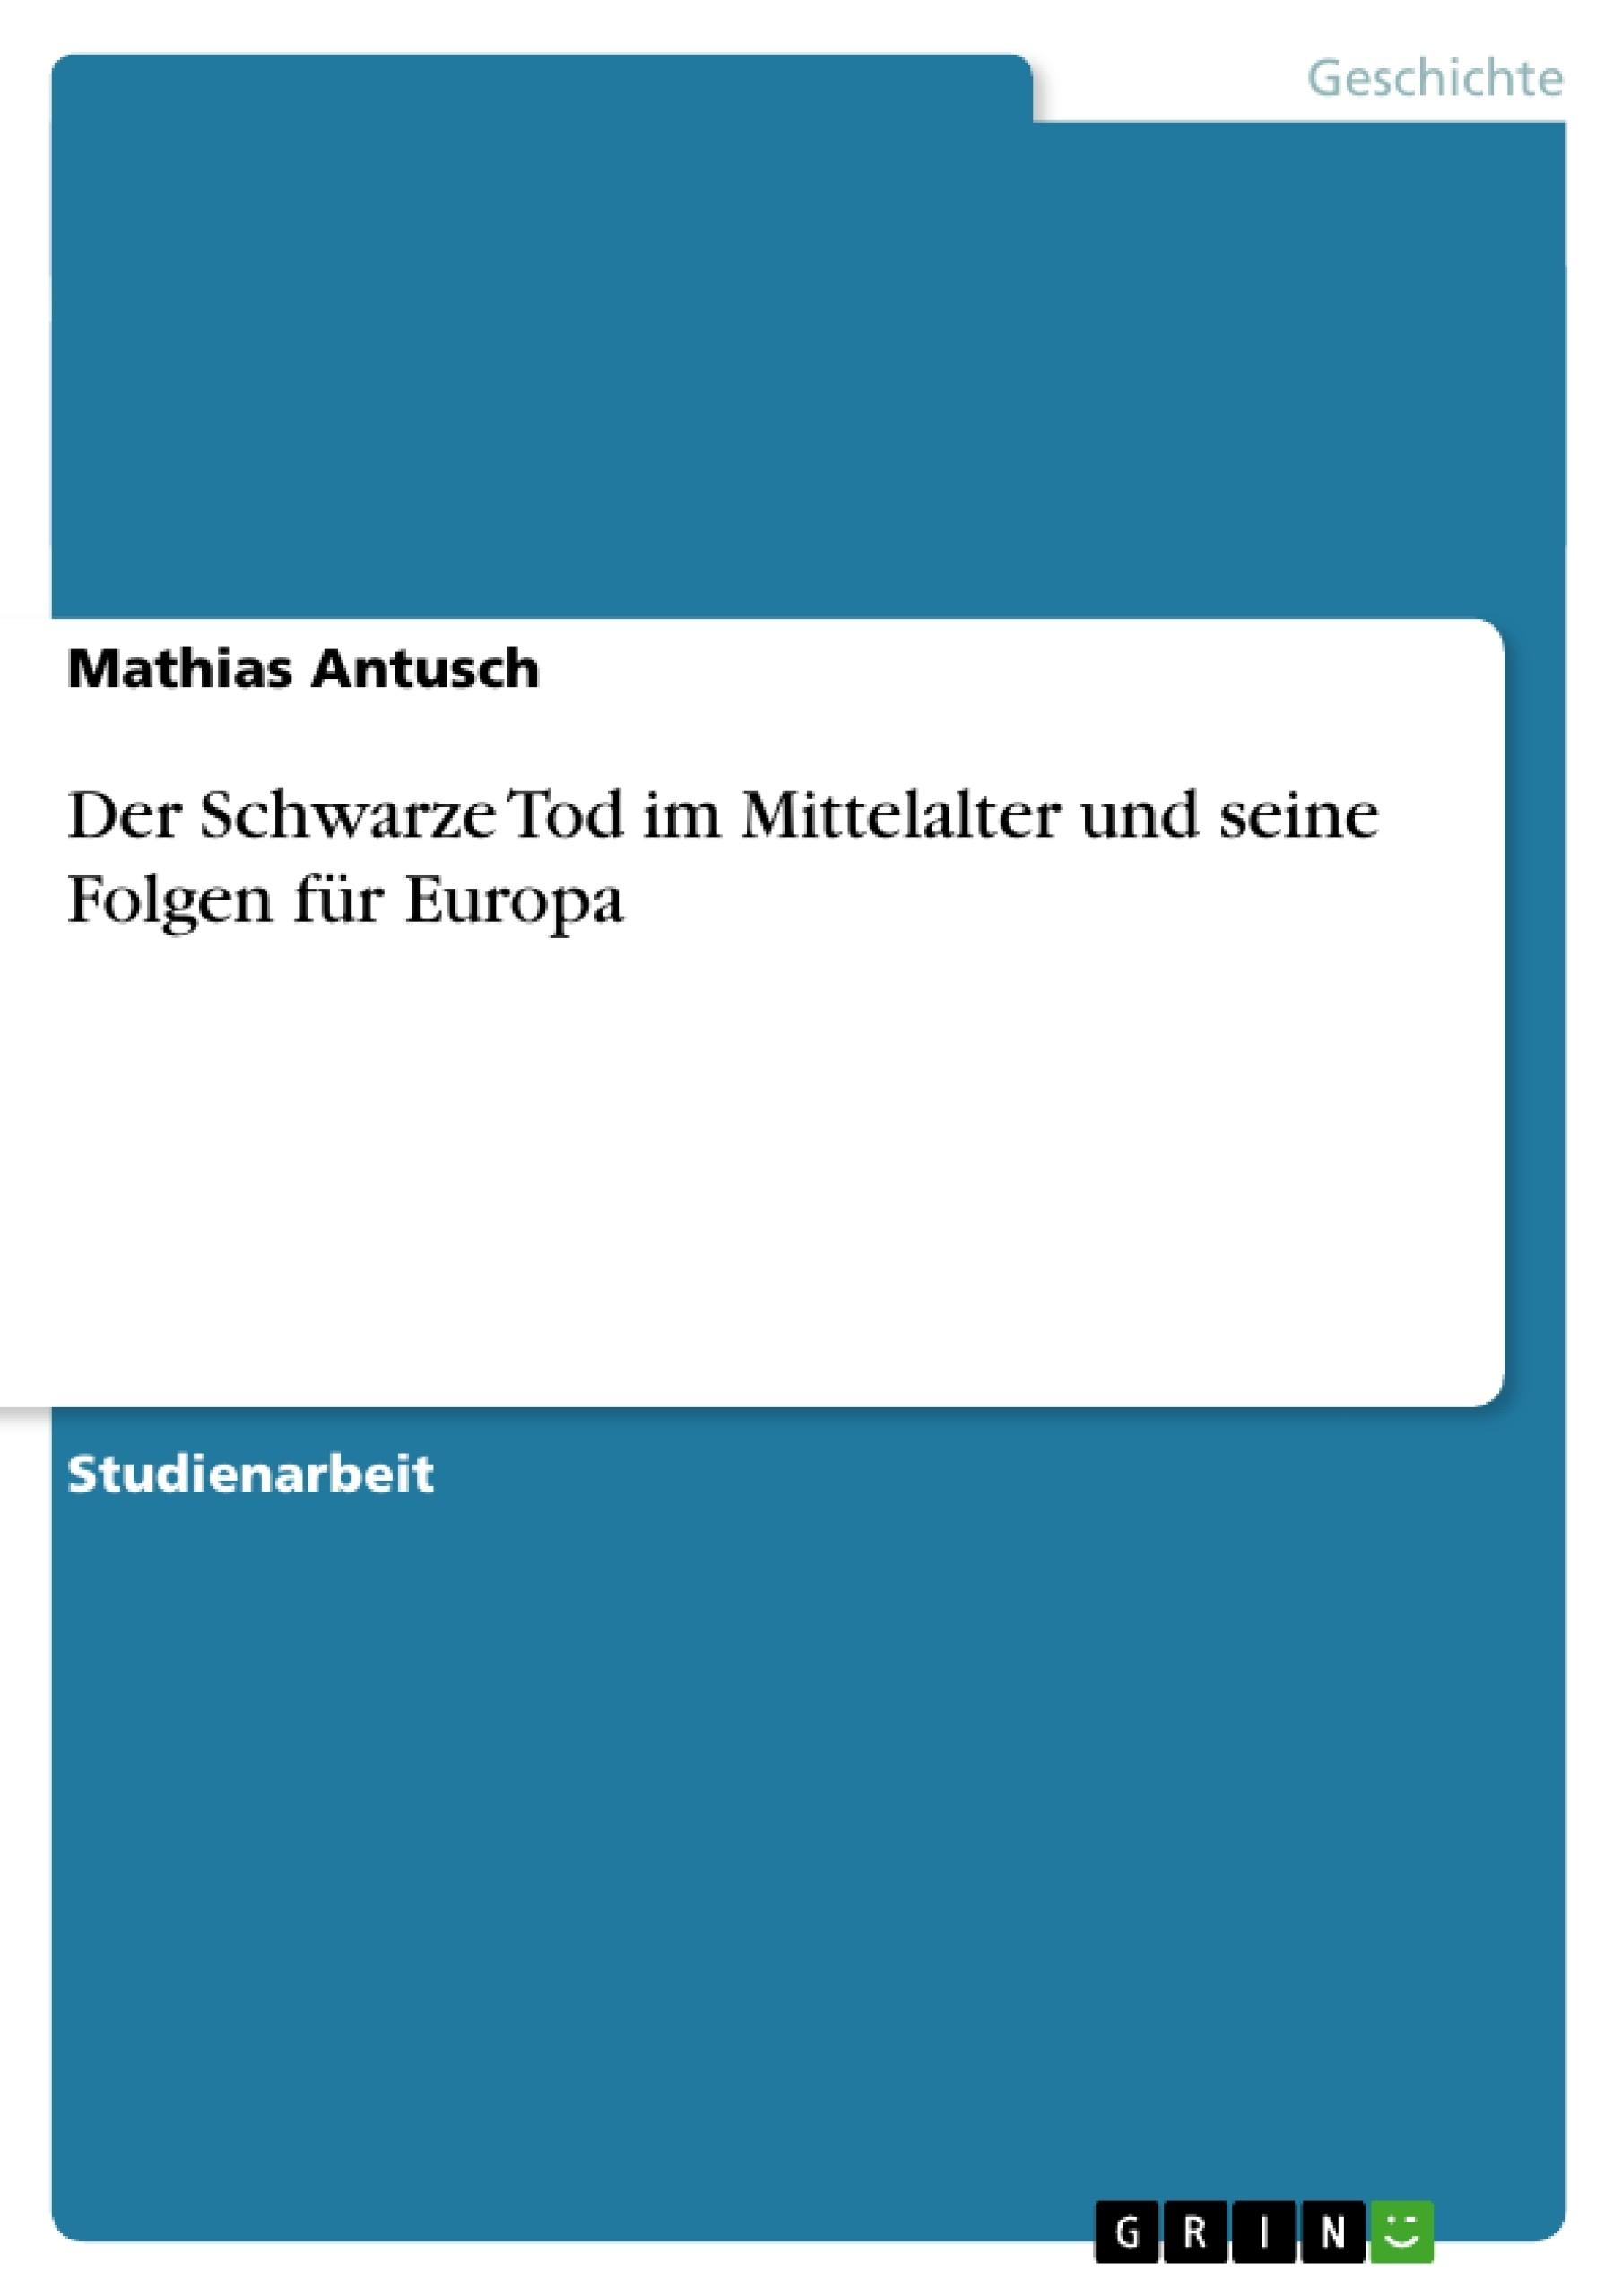 Titel: Der Schwarze Tod im Mittelalter und seine Folgen für Europa